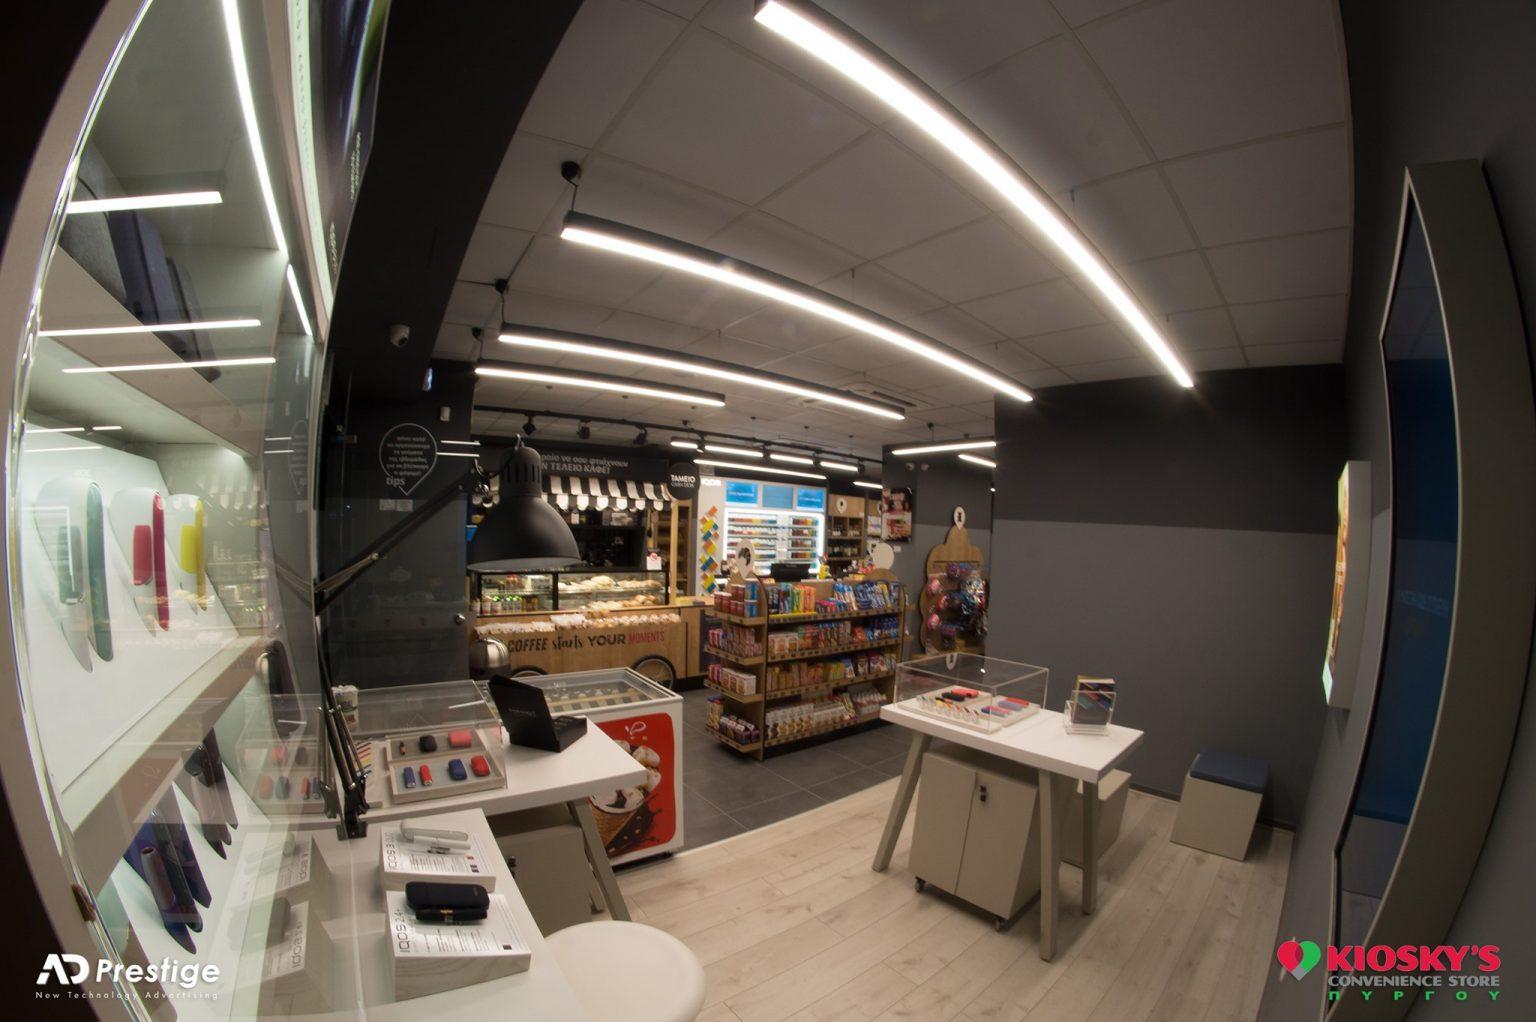 kioskys-convenience-store-franchise-pyrgos1